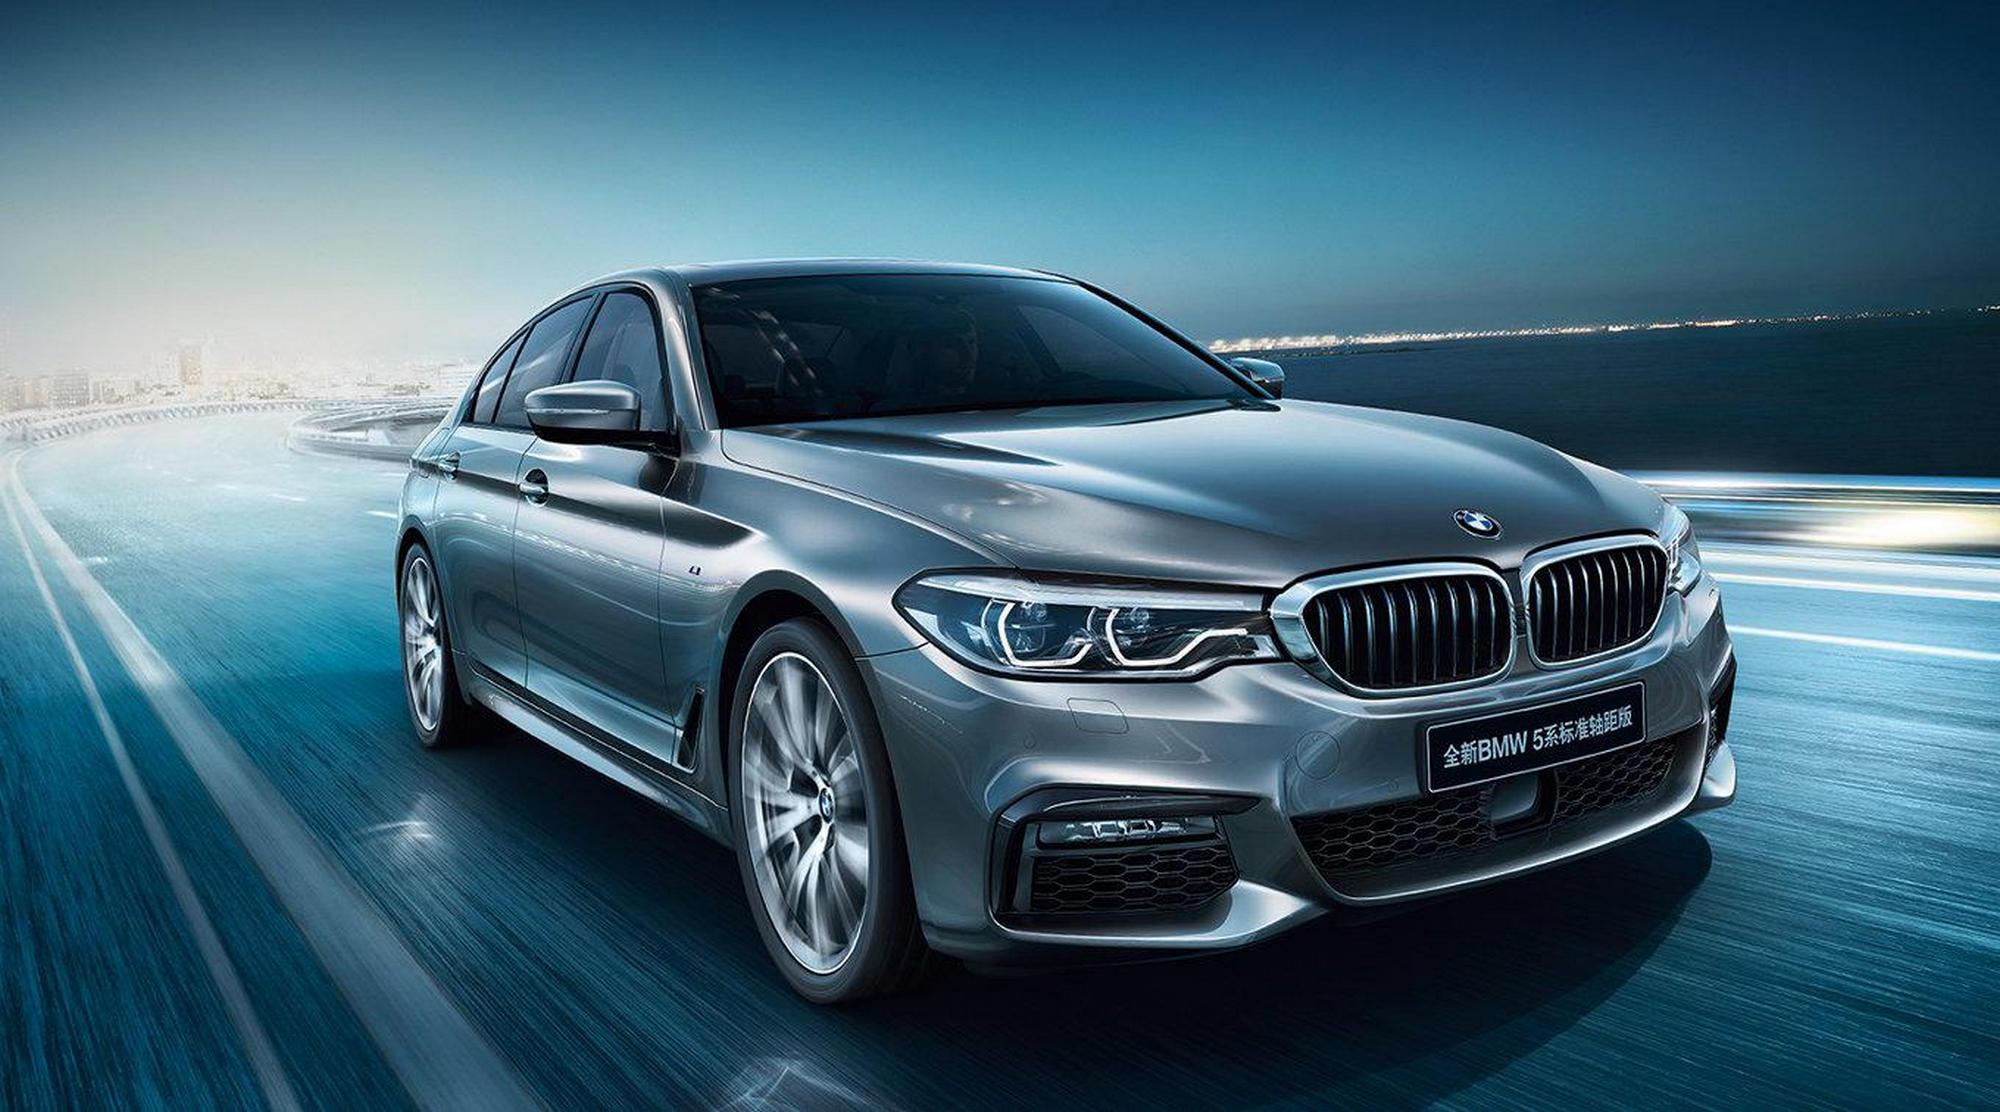 سعر BMW series 520i - مواصفات BMW series 520i - صور BMW series 520i - أحدث سيارات BMW - أفضل سيارة بي ام دبليو - صور بي غم دبليو الفئة الخامسة - سعر بي ام دبليو BMW 520i - جروب سيارات - أحدث السيارات - أخبار السيارات - أسعار السيارات - موقع سيارات مستعملة - موقع سيارات